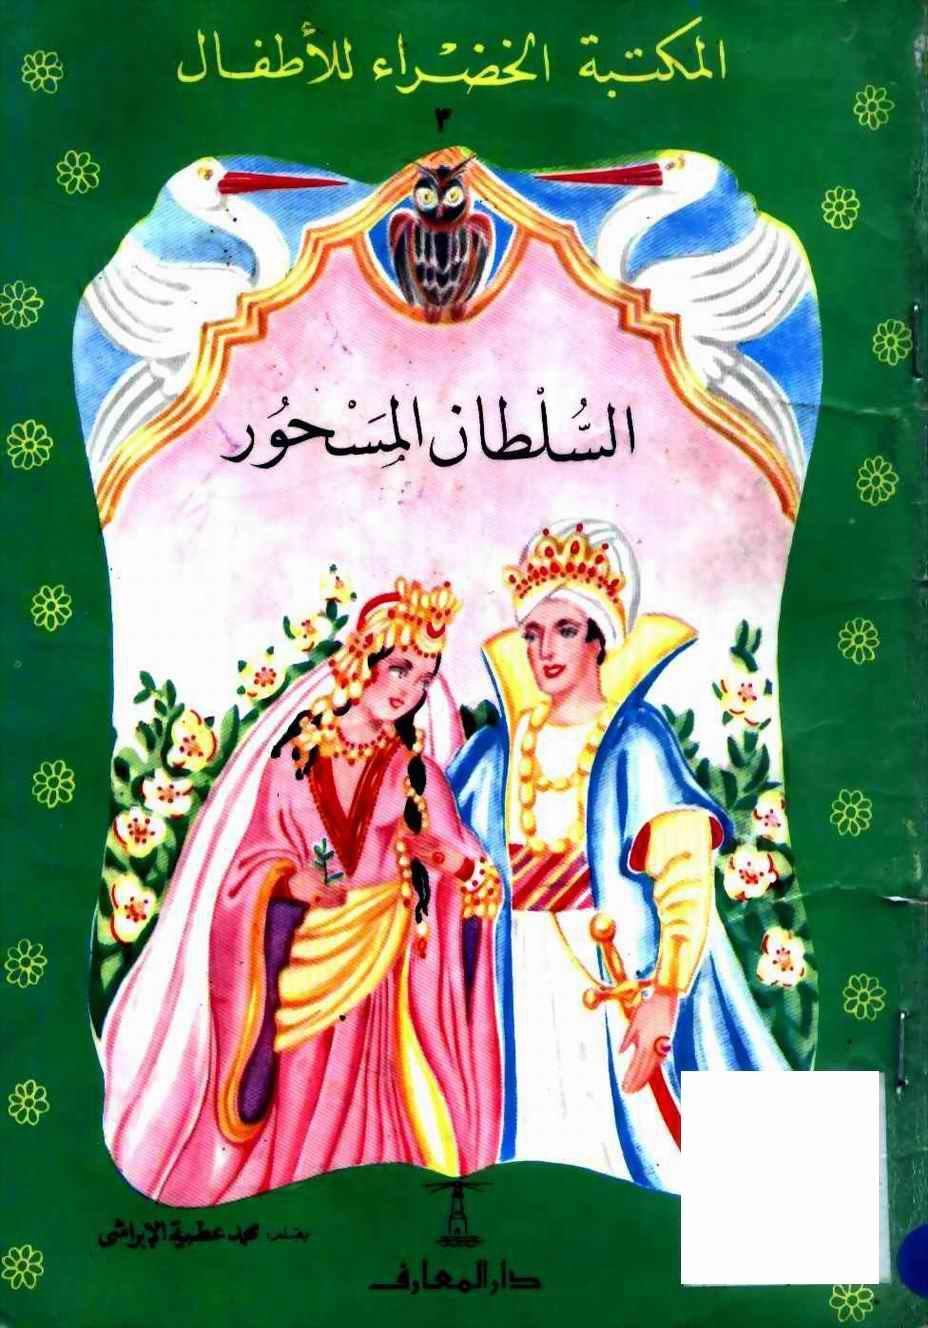 صورة قصص بالعربية للاطفال , قصص شيقه للاطفال بالعربي